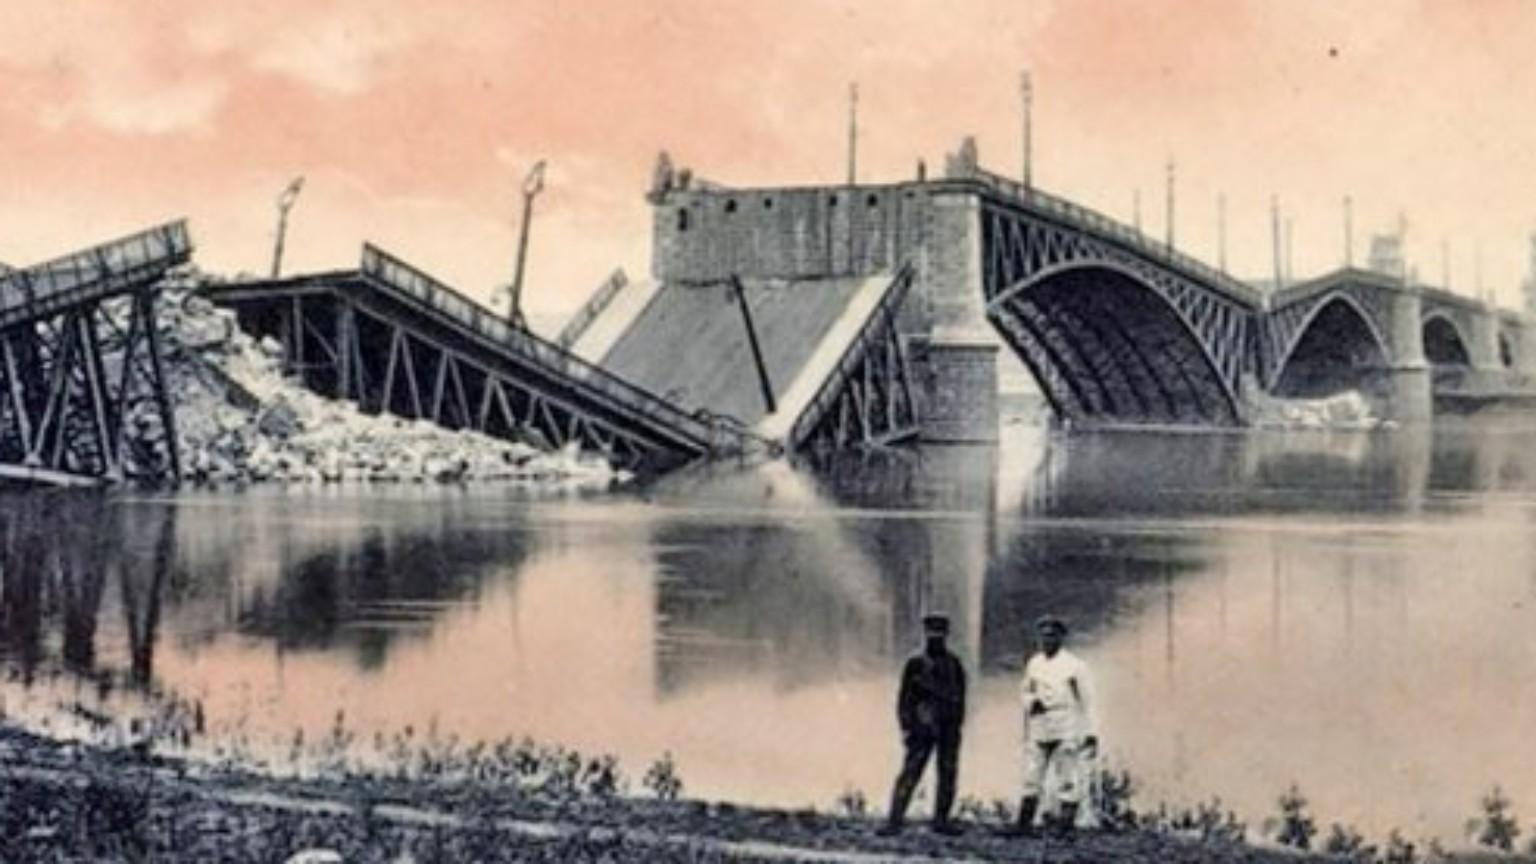 Zdjęcie dla kartki: Wszystkie mosty wysadzone